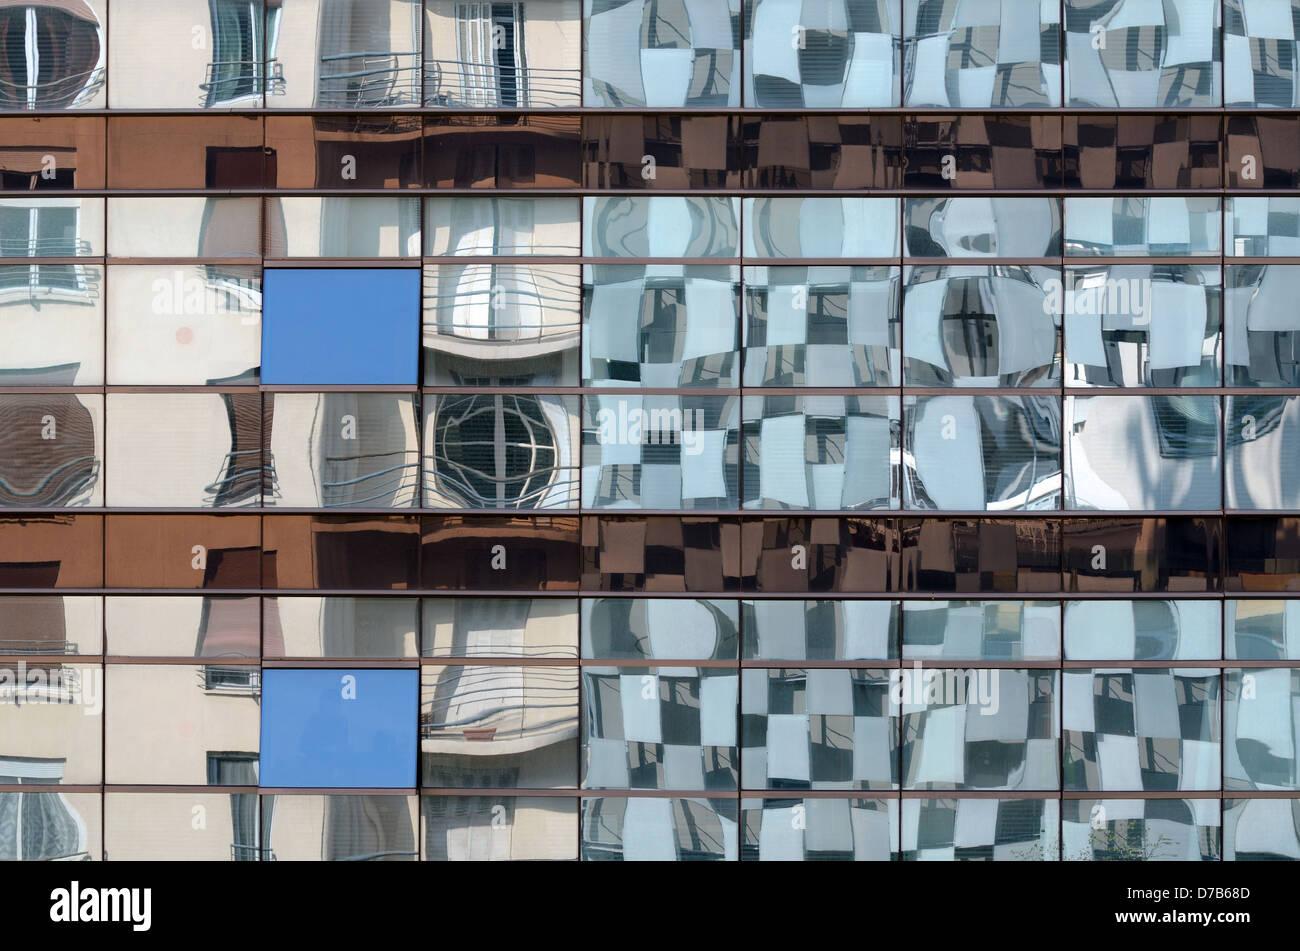 Reflexionen von FRAC Kunstmuseum in angrenzenden Bürogebäude Marseille Frankreich Stockbild